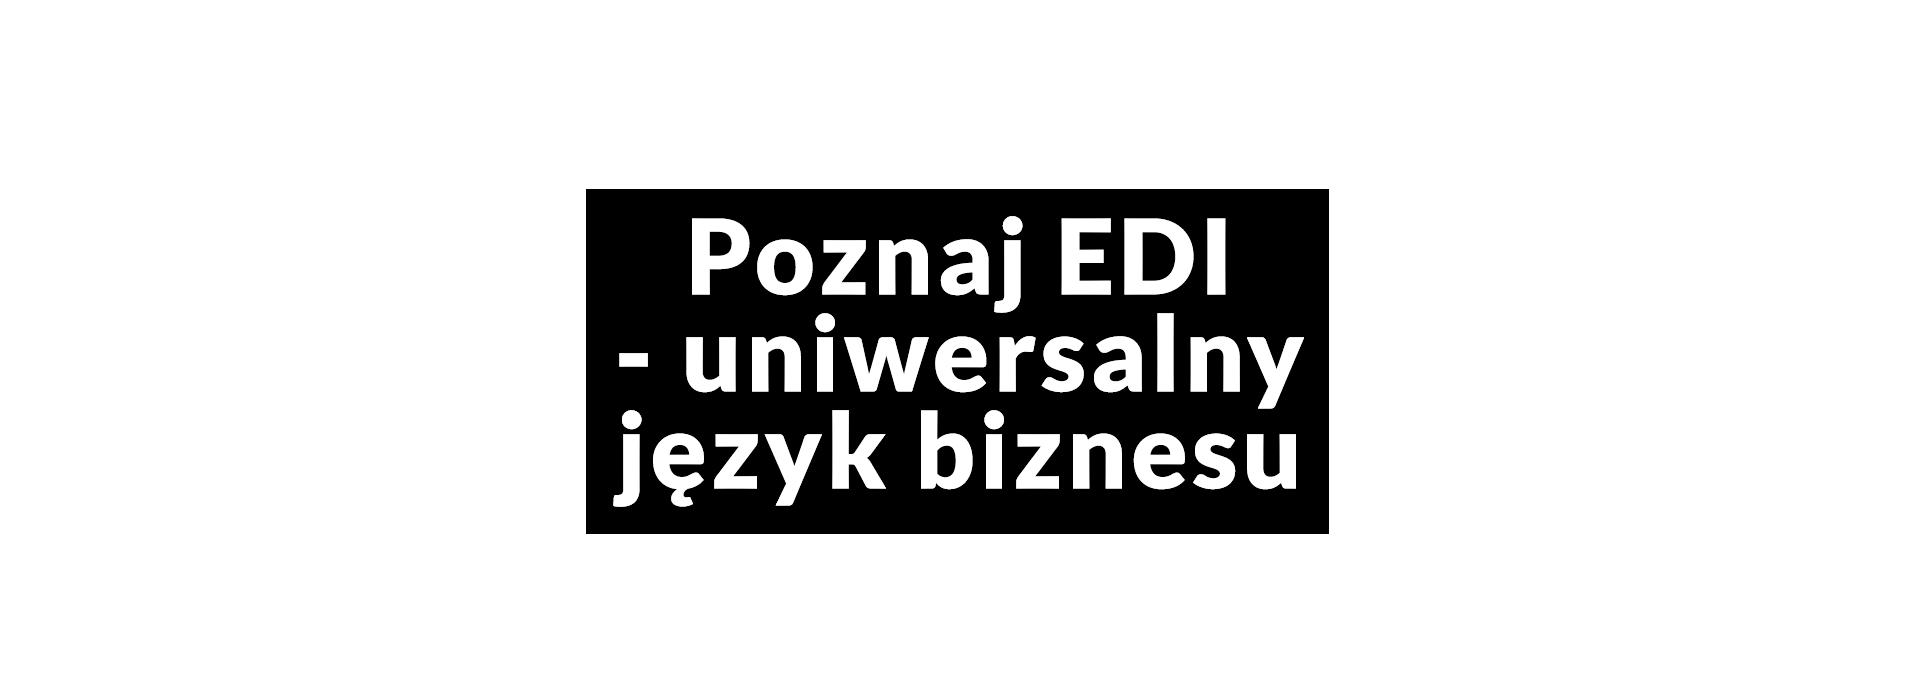 Poznaj EDI